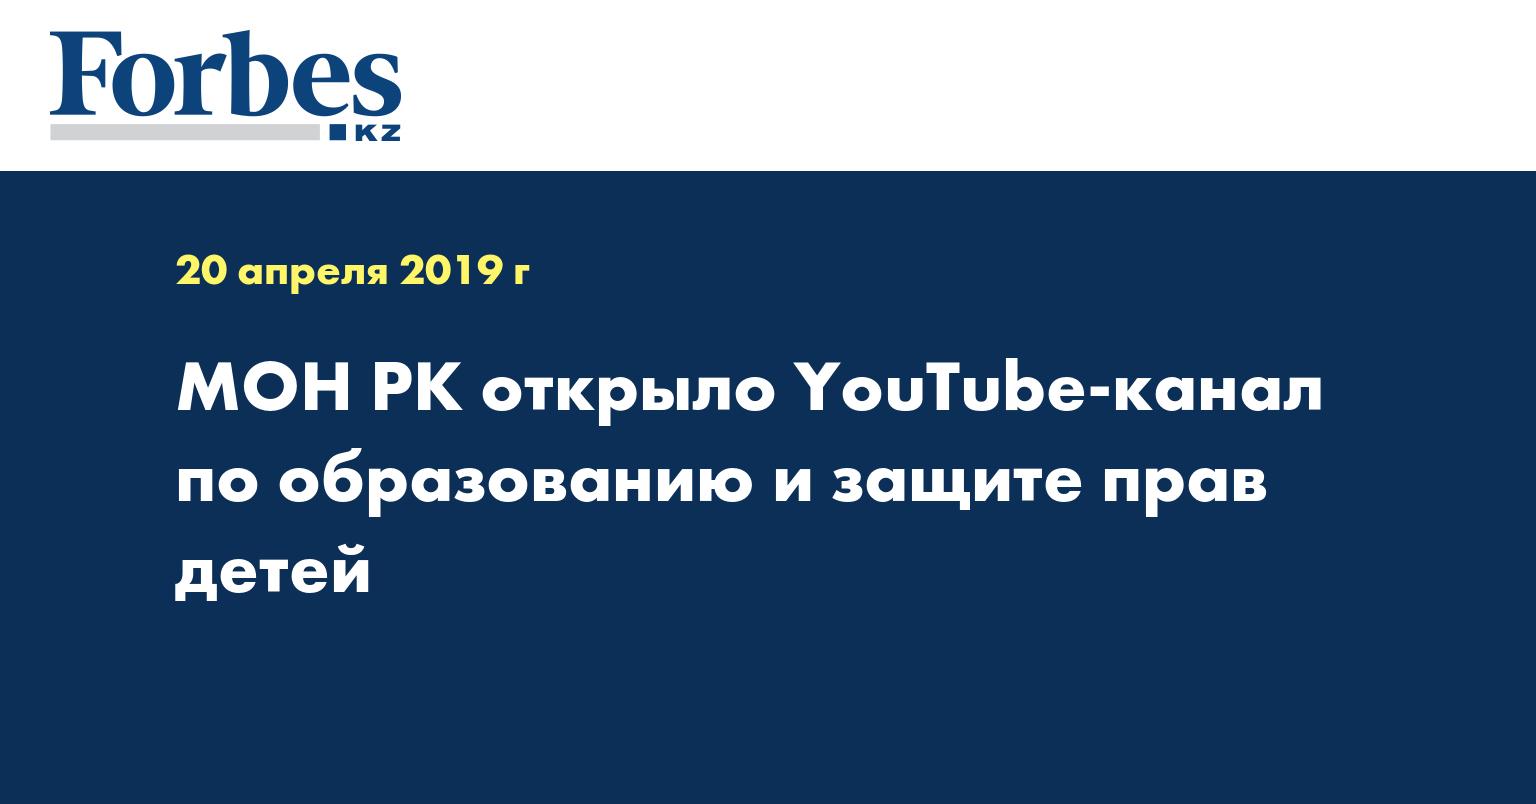 МОН РК открыло YouTube-канал по образованию и защите прав детей